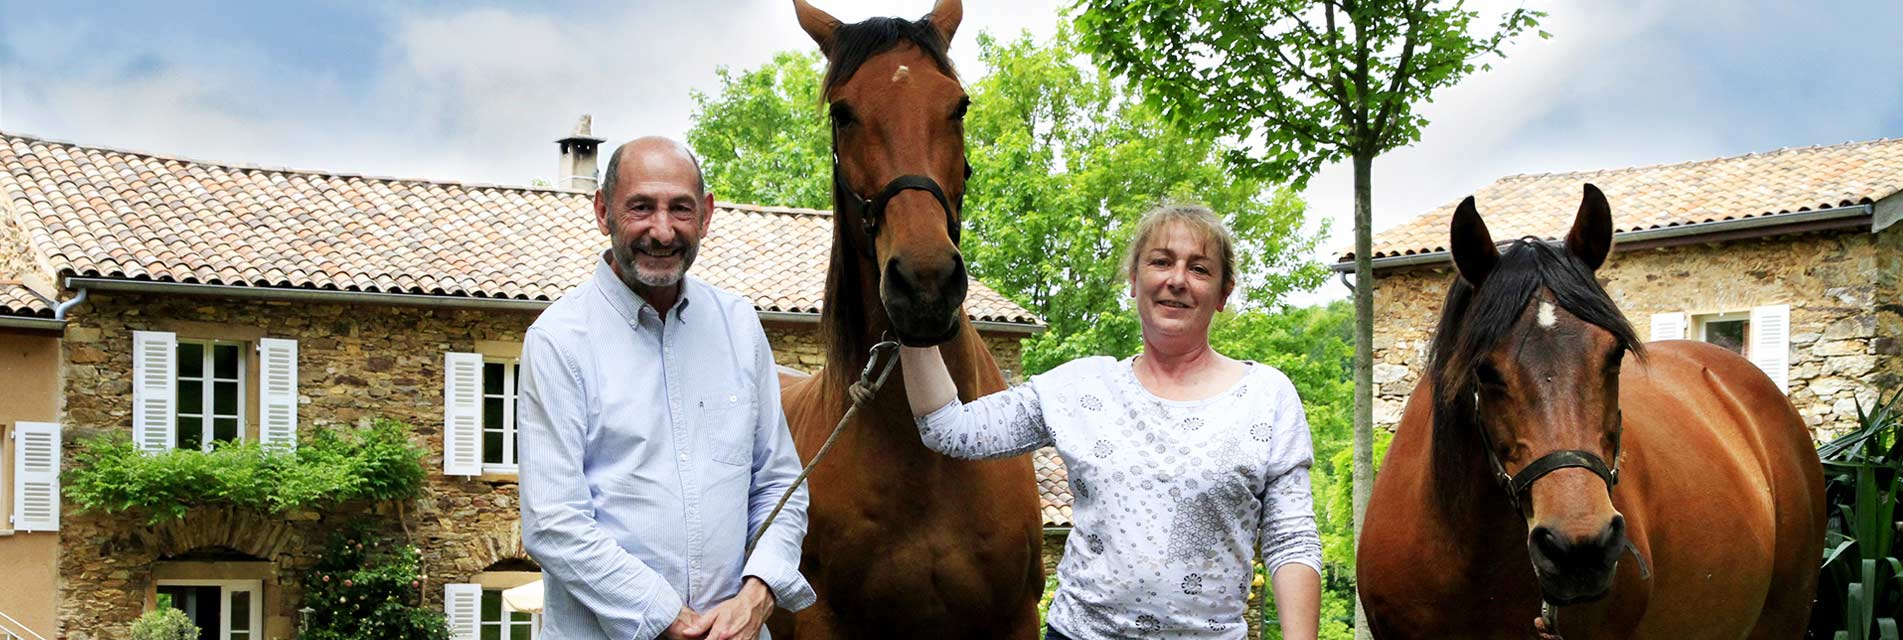 Vos vacances avec votre cheval dans le Tarn en Occitanie